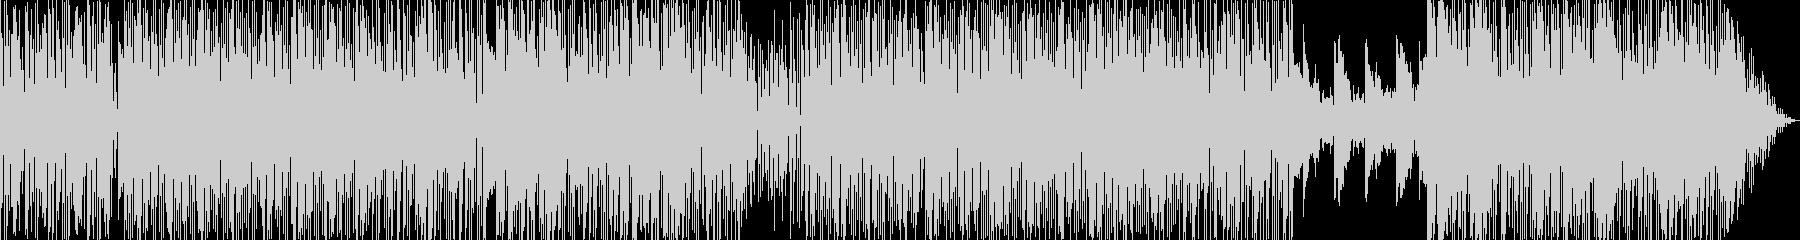 ラテン系の楽しいEDMの未再生の波形